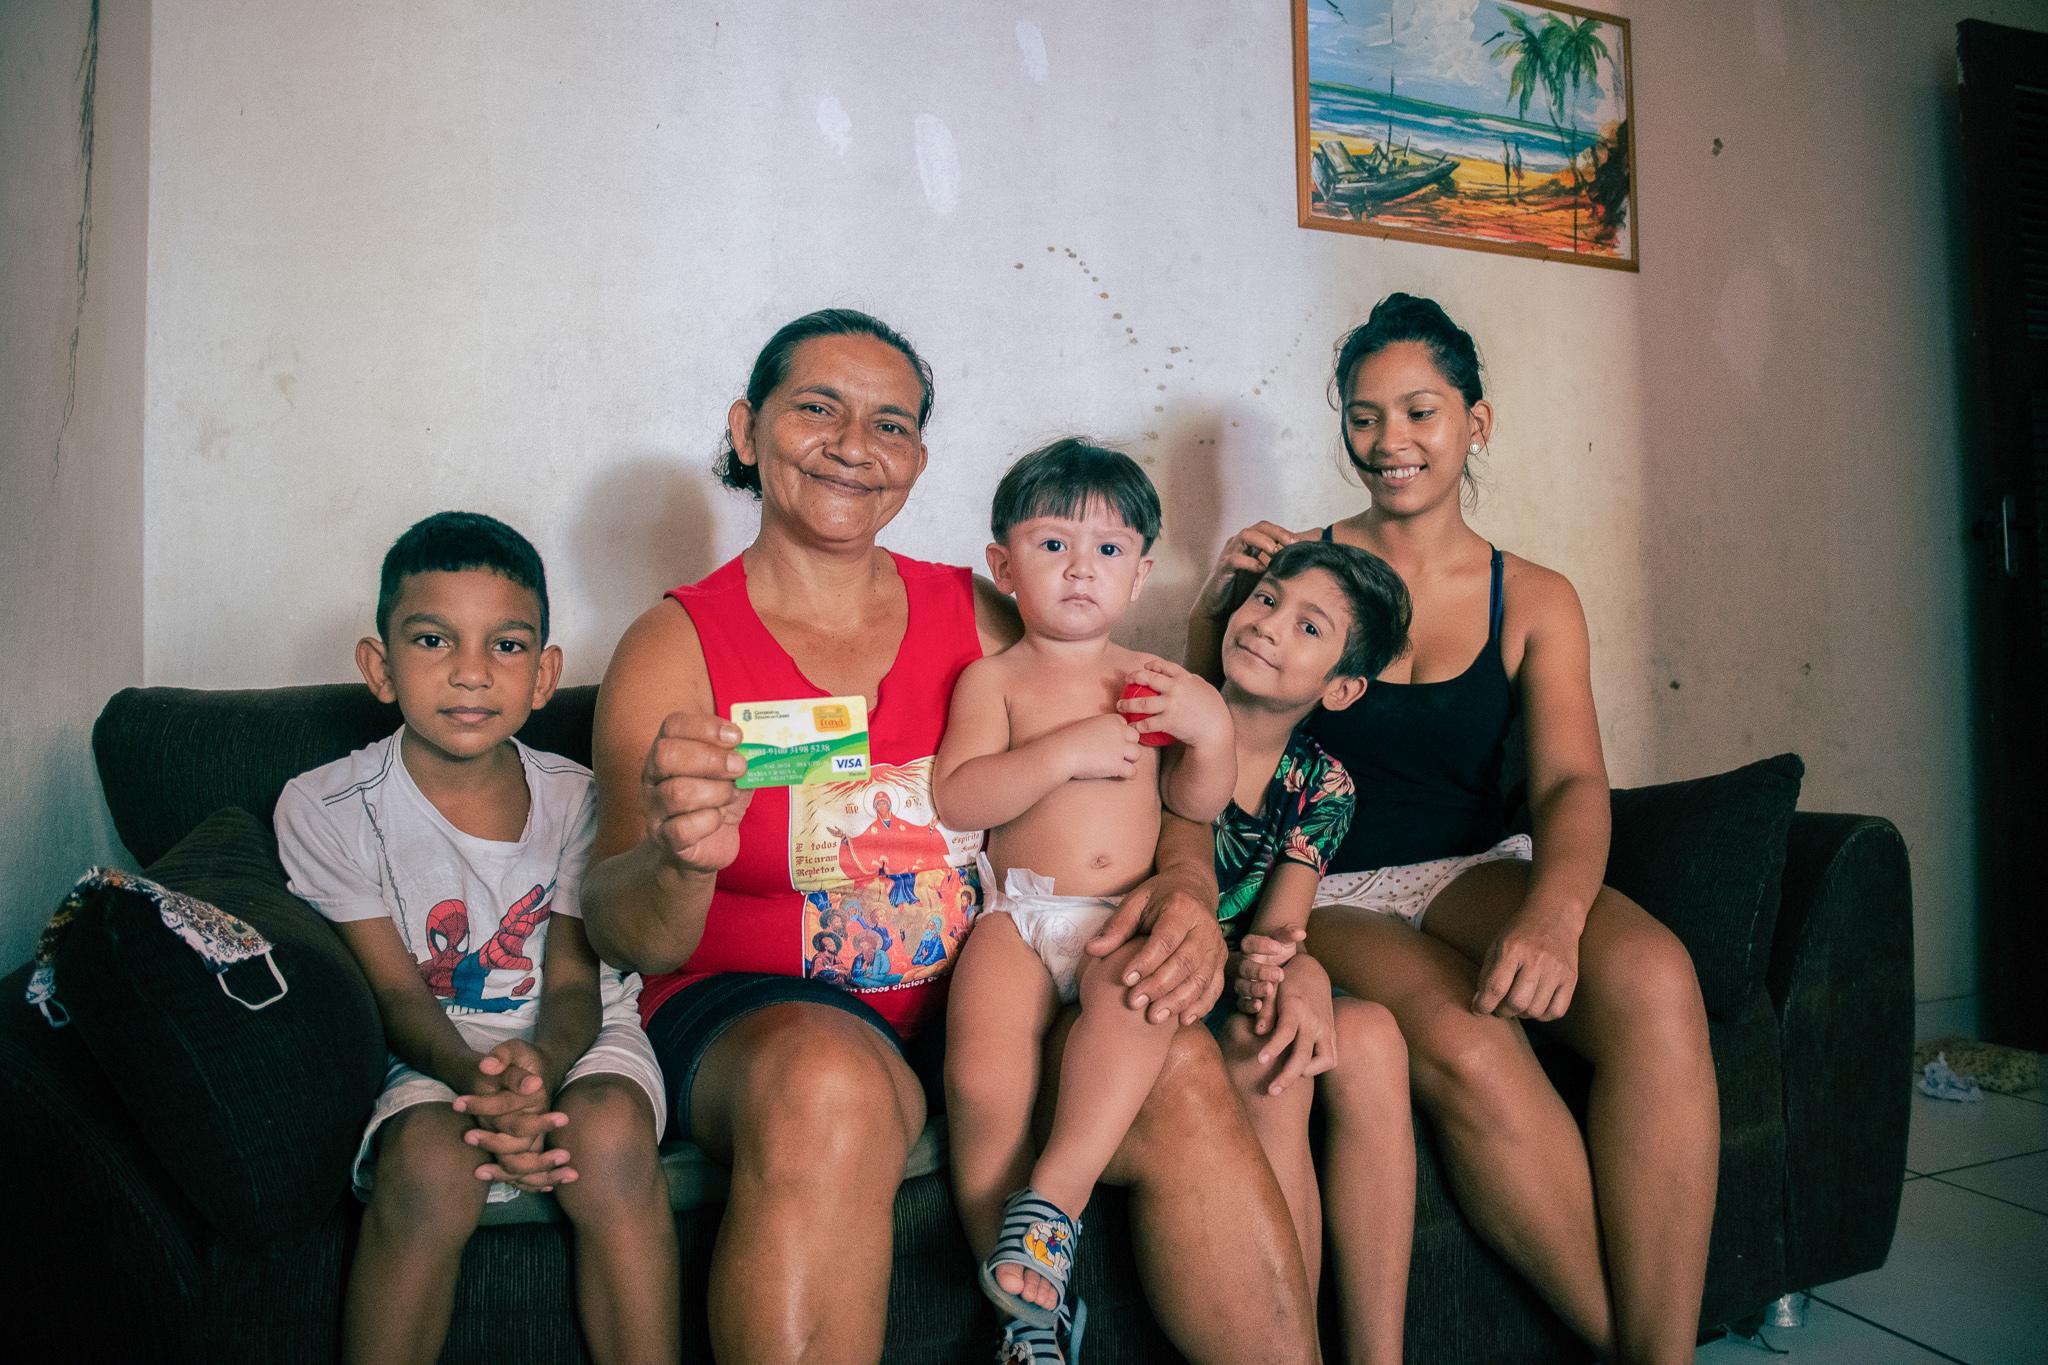 Pagamento do Cartão Mais Infância Ceará é liberado para cerca de 100 mil famílias cearenses